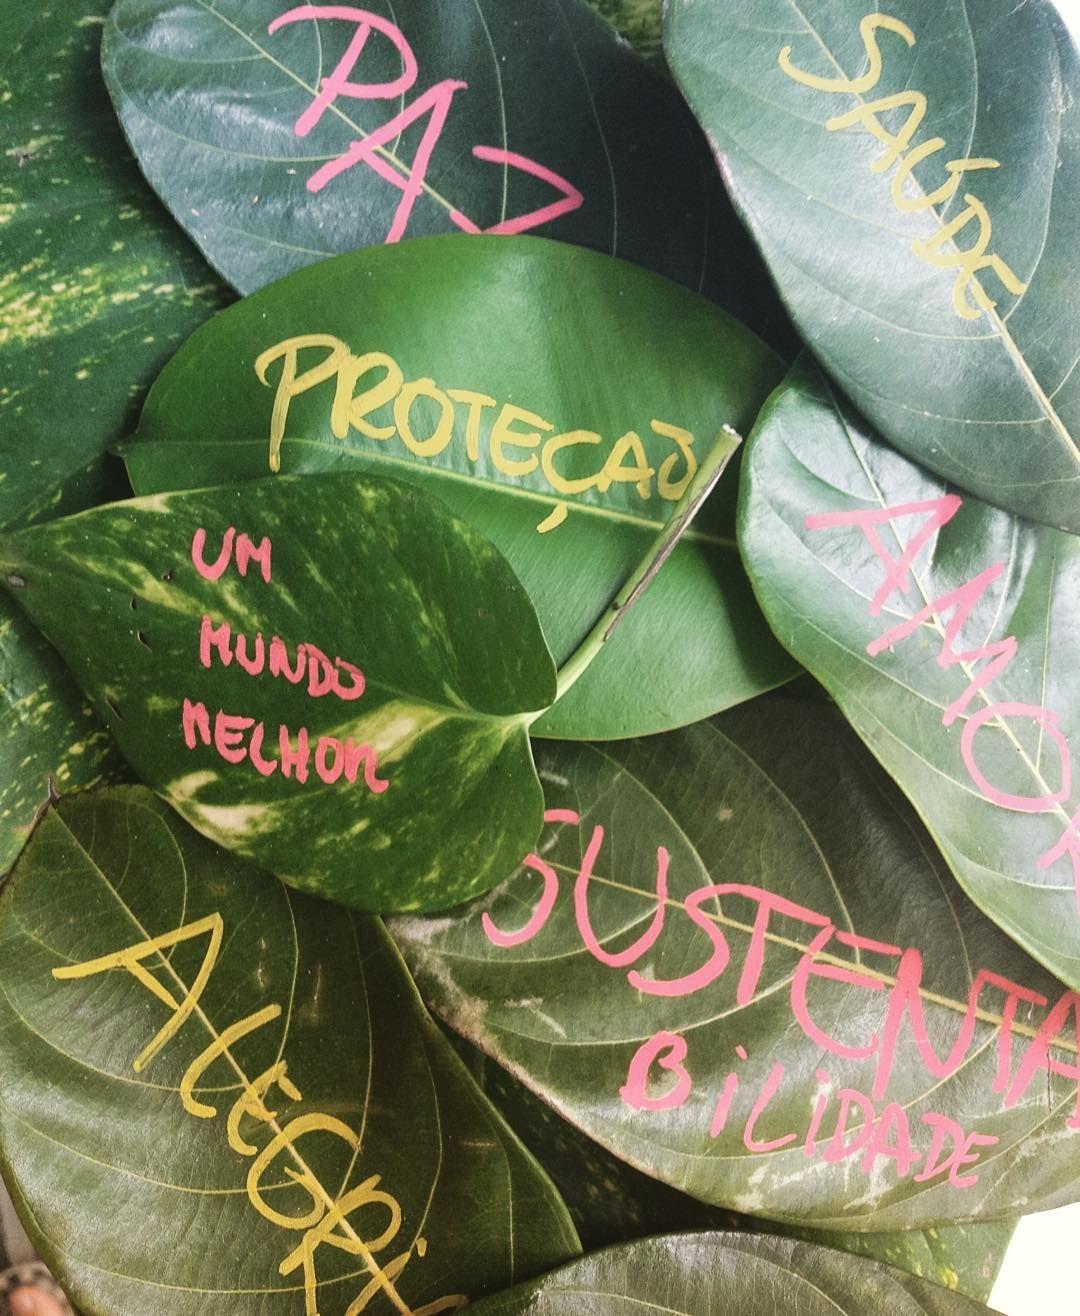 O que você deseja para o futuro do seu filho?  O aniversário do João vai ser decorado com folhas e galhos que pegamos no chão. Vai ser tudo bem orgânico bem ecológico e feito com muito amor.  FESTA PRODUZIDA COM ZERO LIXO!  #green #ecofriendly #festaecologica #festasustentavel #sustainability #sustentabilidade #maisamorporfavor #meioambiente #zerolixo #recycle #reciclagem Re-post by Hold With Hope